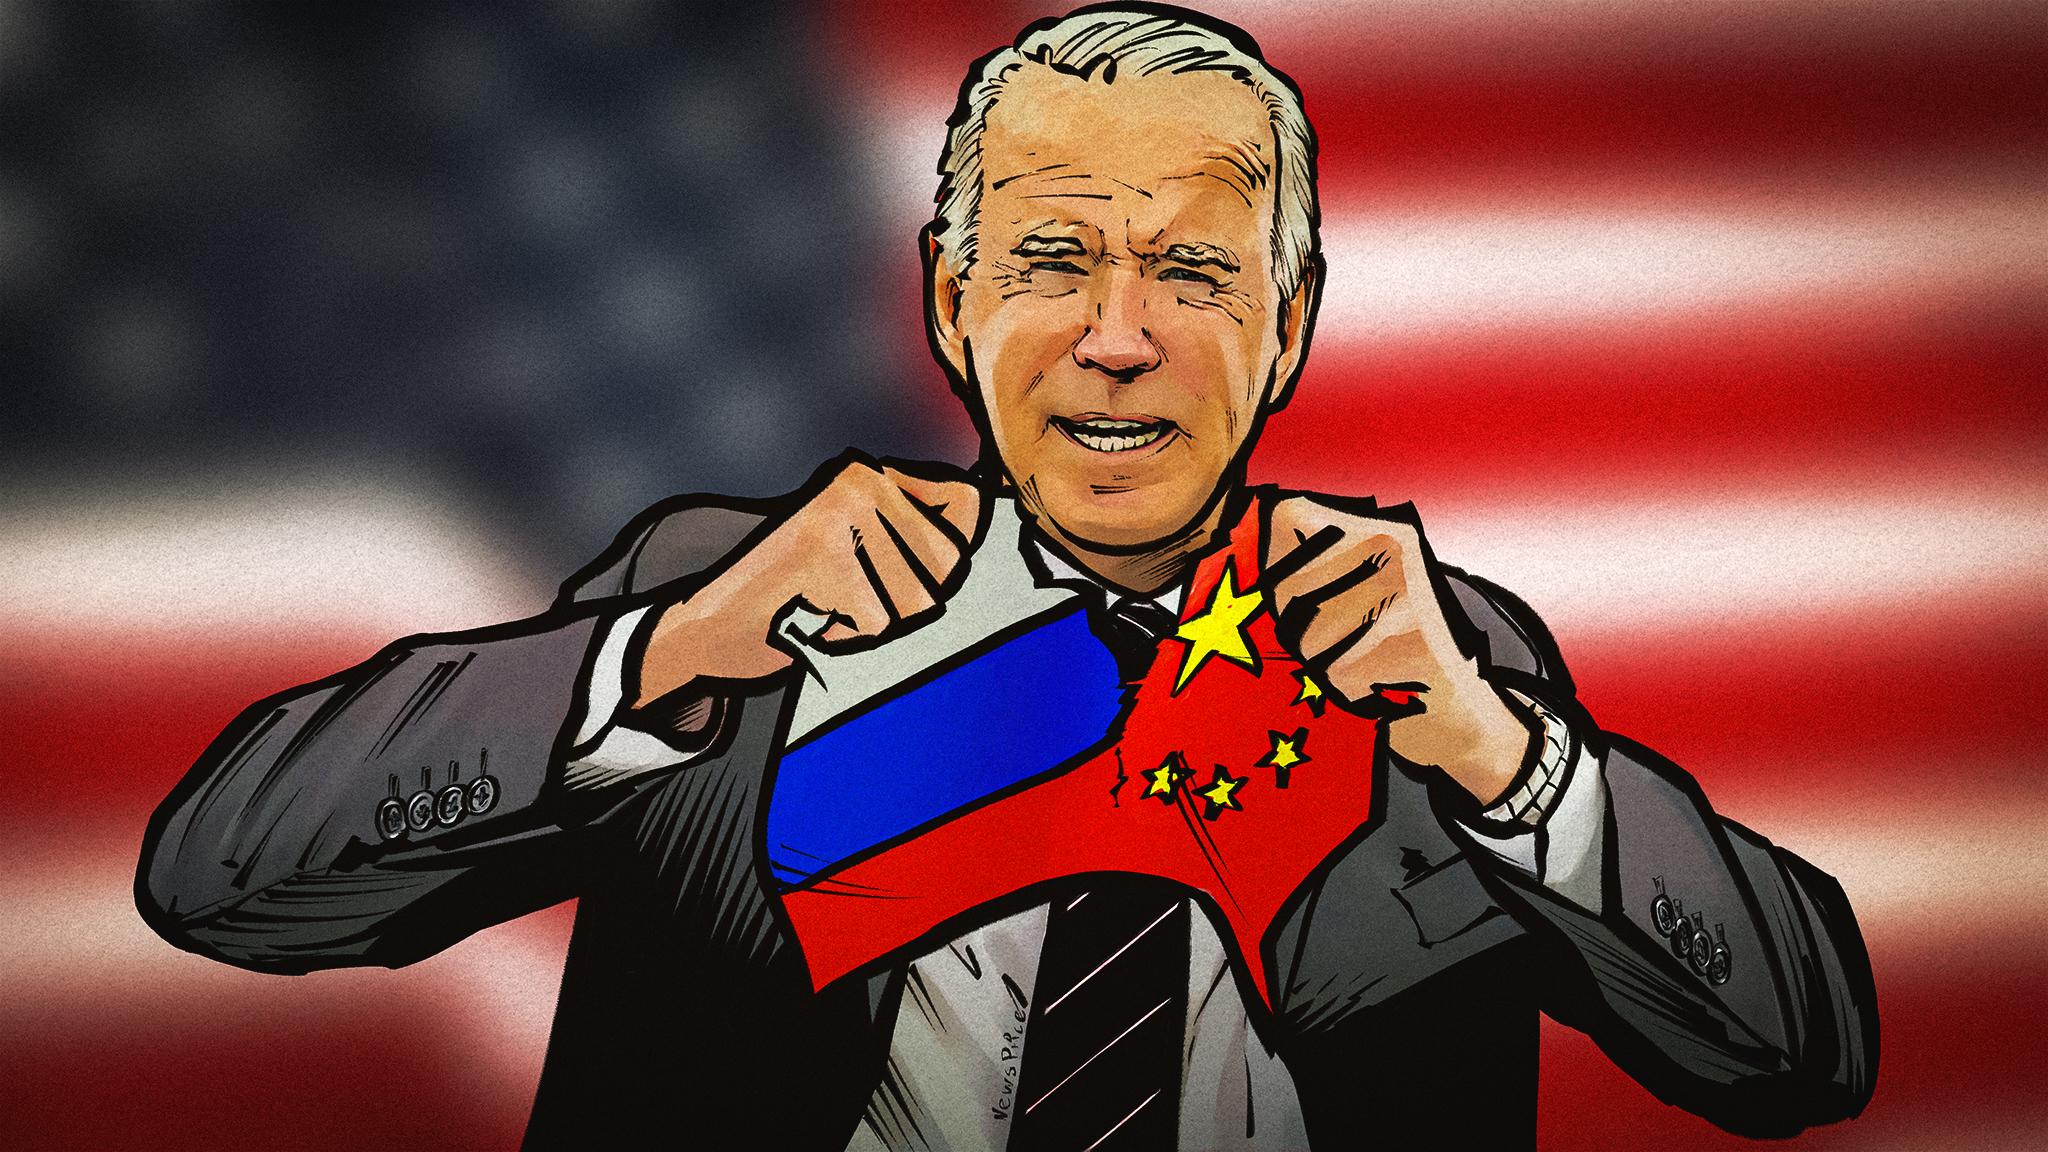 «Возвращение Киссинджера»: смогут ли США помешать российско-китайскому сближению?